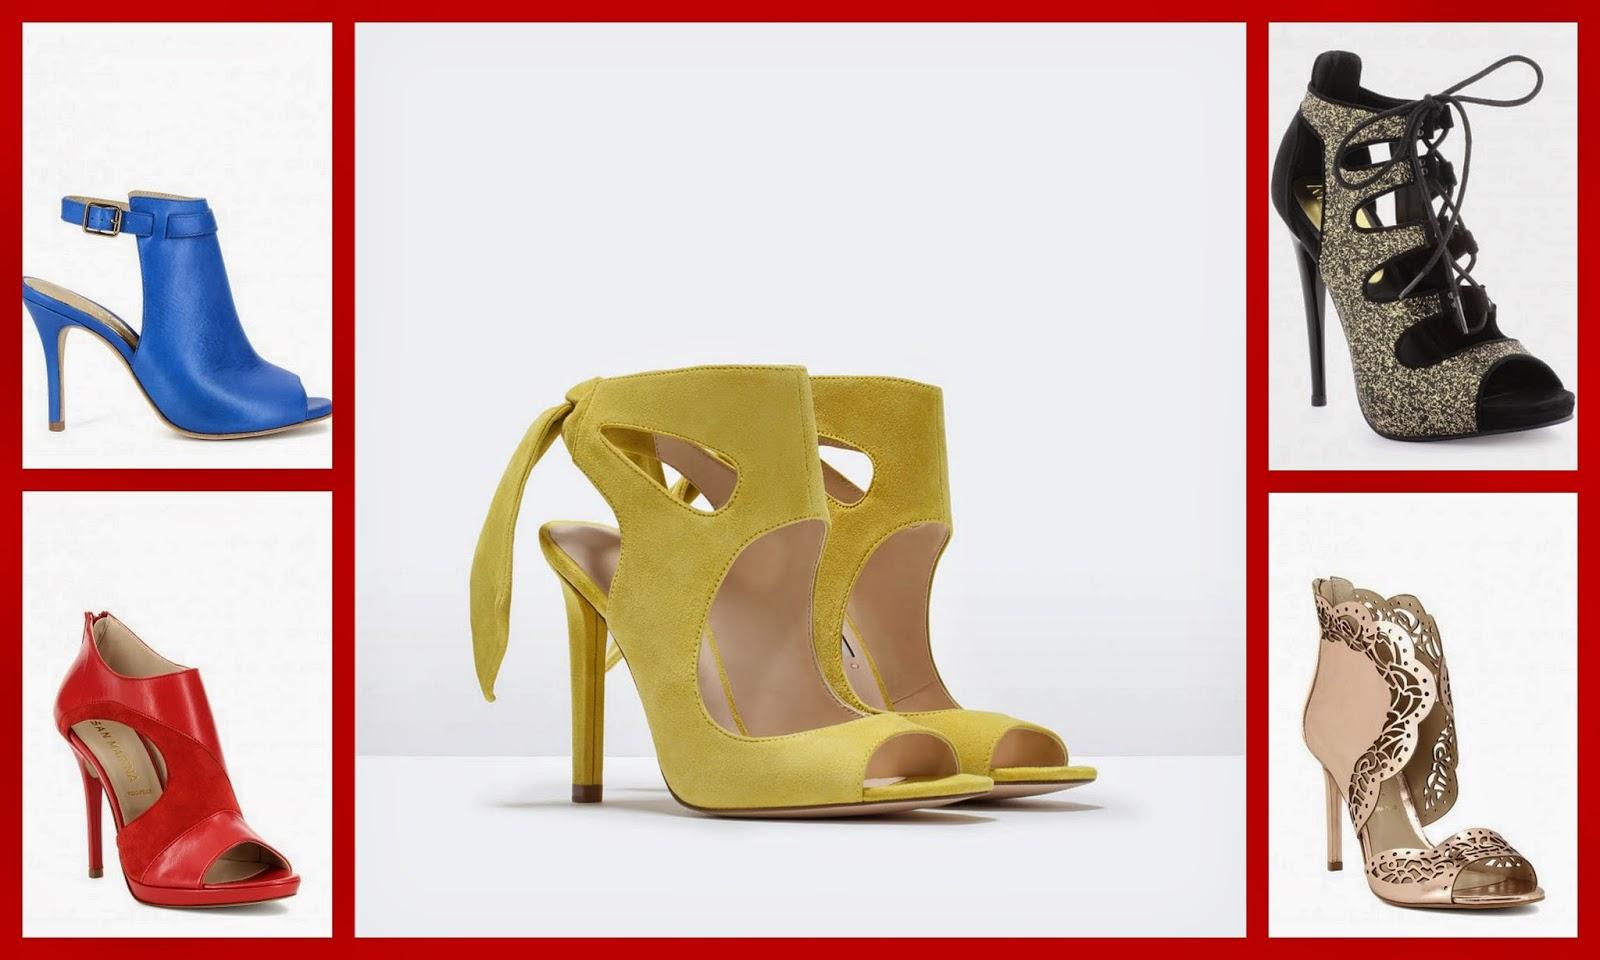 f8de60908e81 LandClochette  Chaussures Printemps-Été 2015